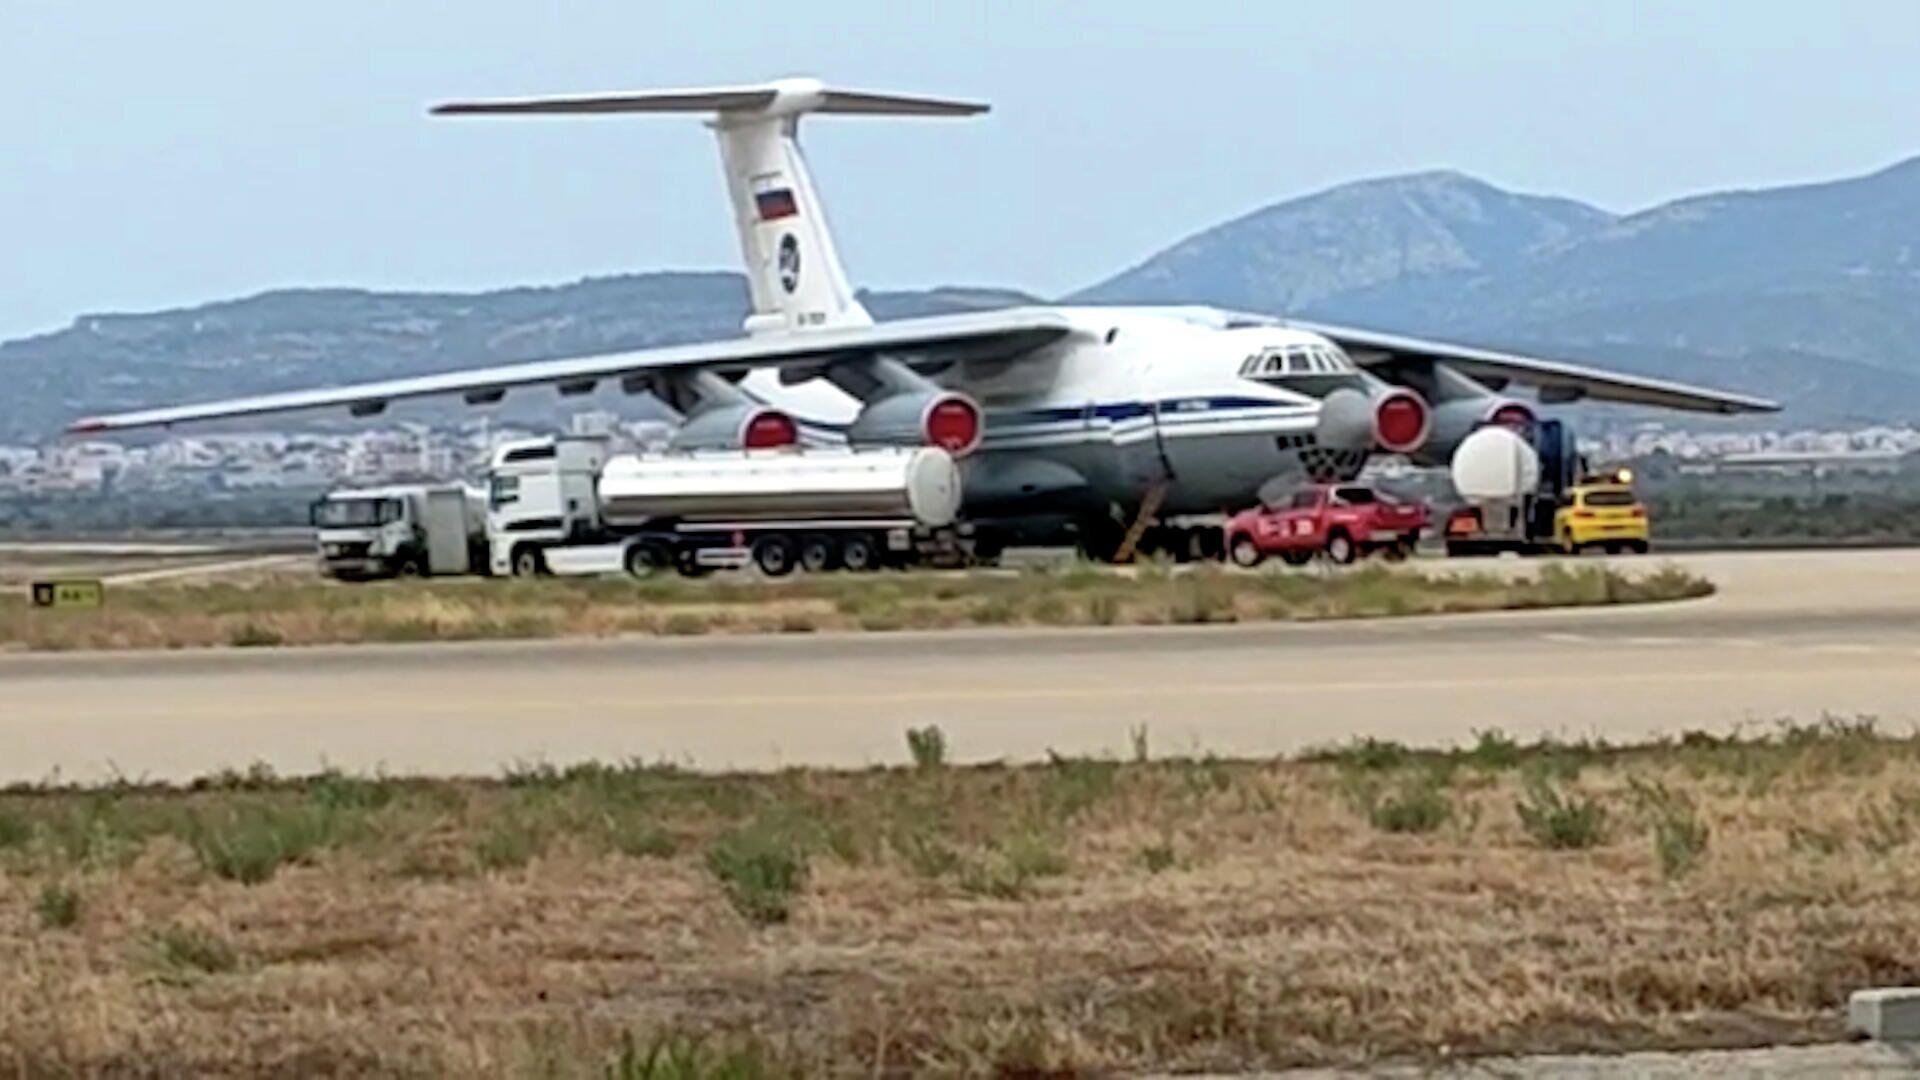 Ο ρωσικός γίγαντας Il-76 ξεδιψάει: Καρέ καρέ ο ανεφοδιασμός του αεροσκάφους με νερό - Sputnik Ελλάδα, 1920, 12.08.2021